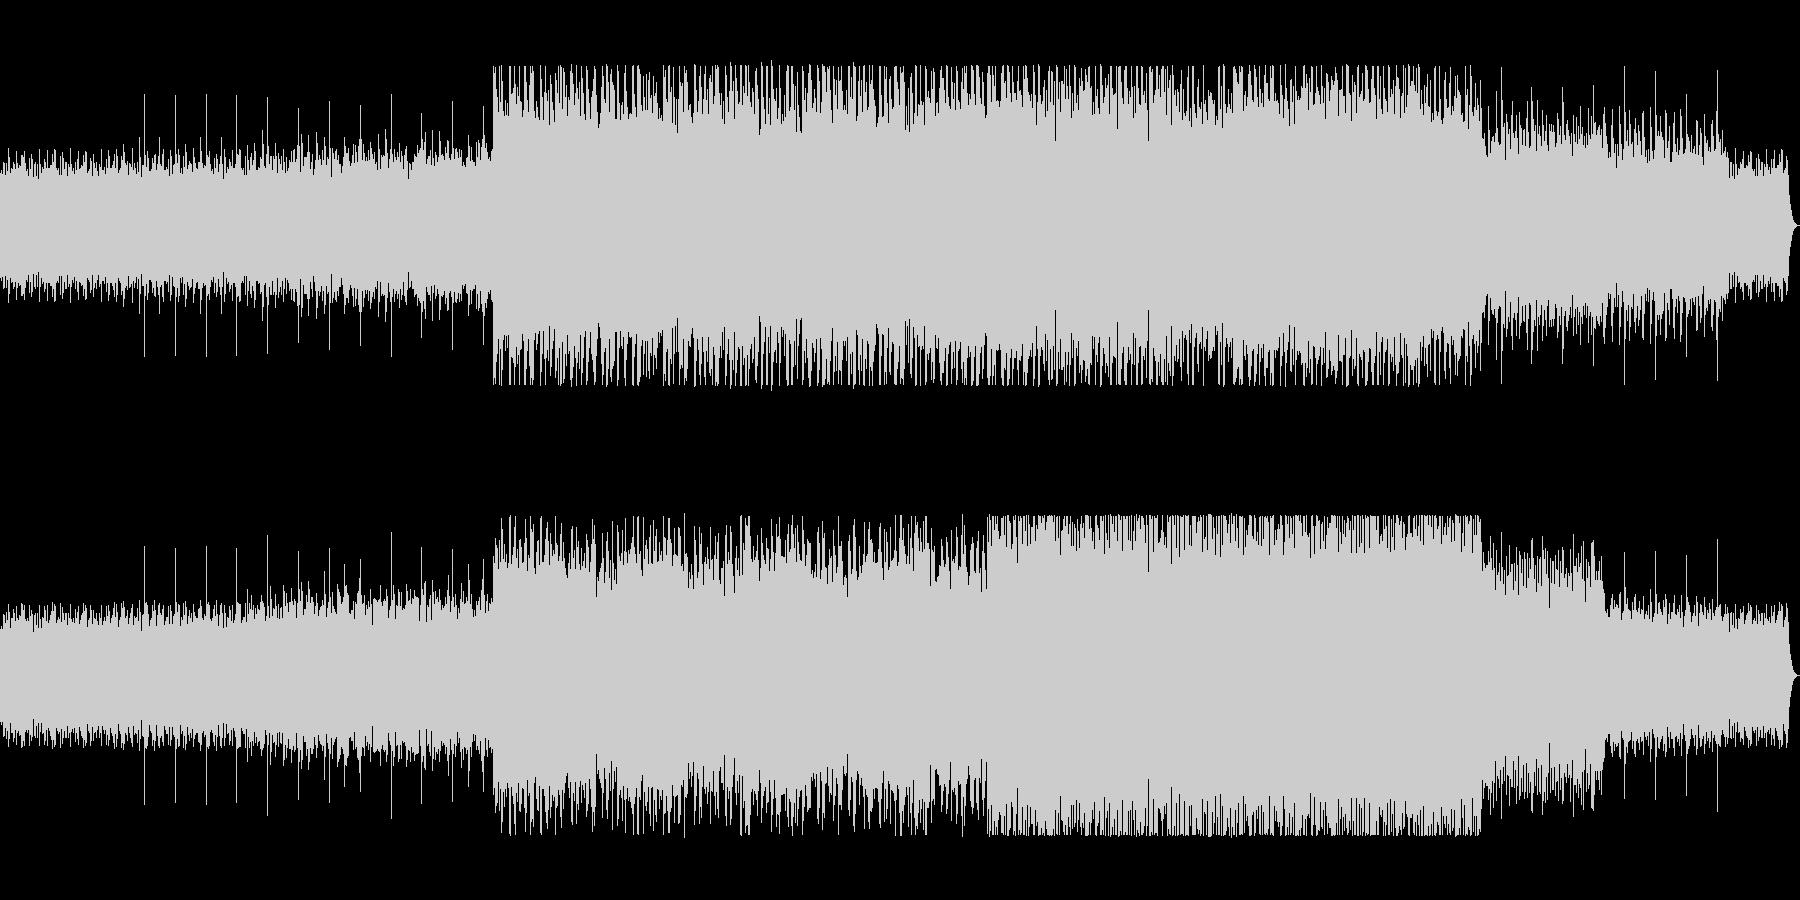 不思議な木琴リフレインミュージックの未再生の波形